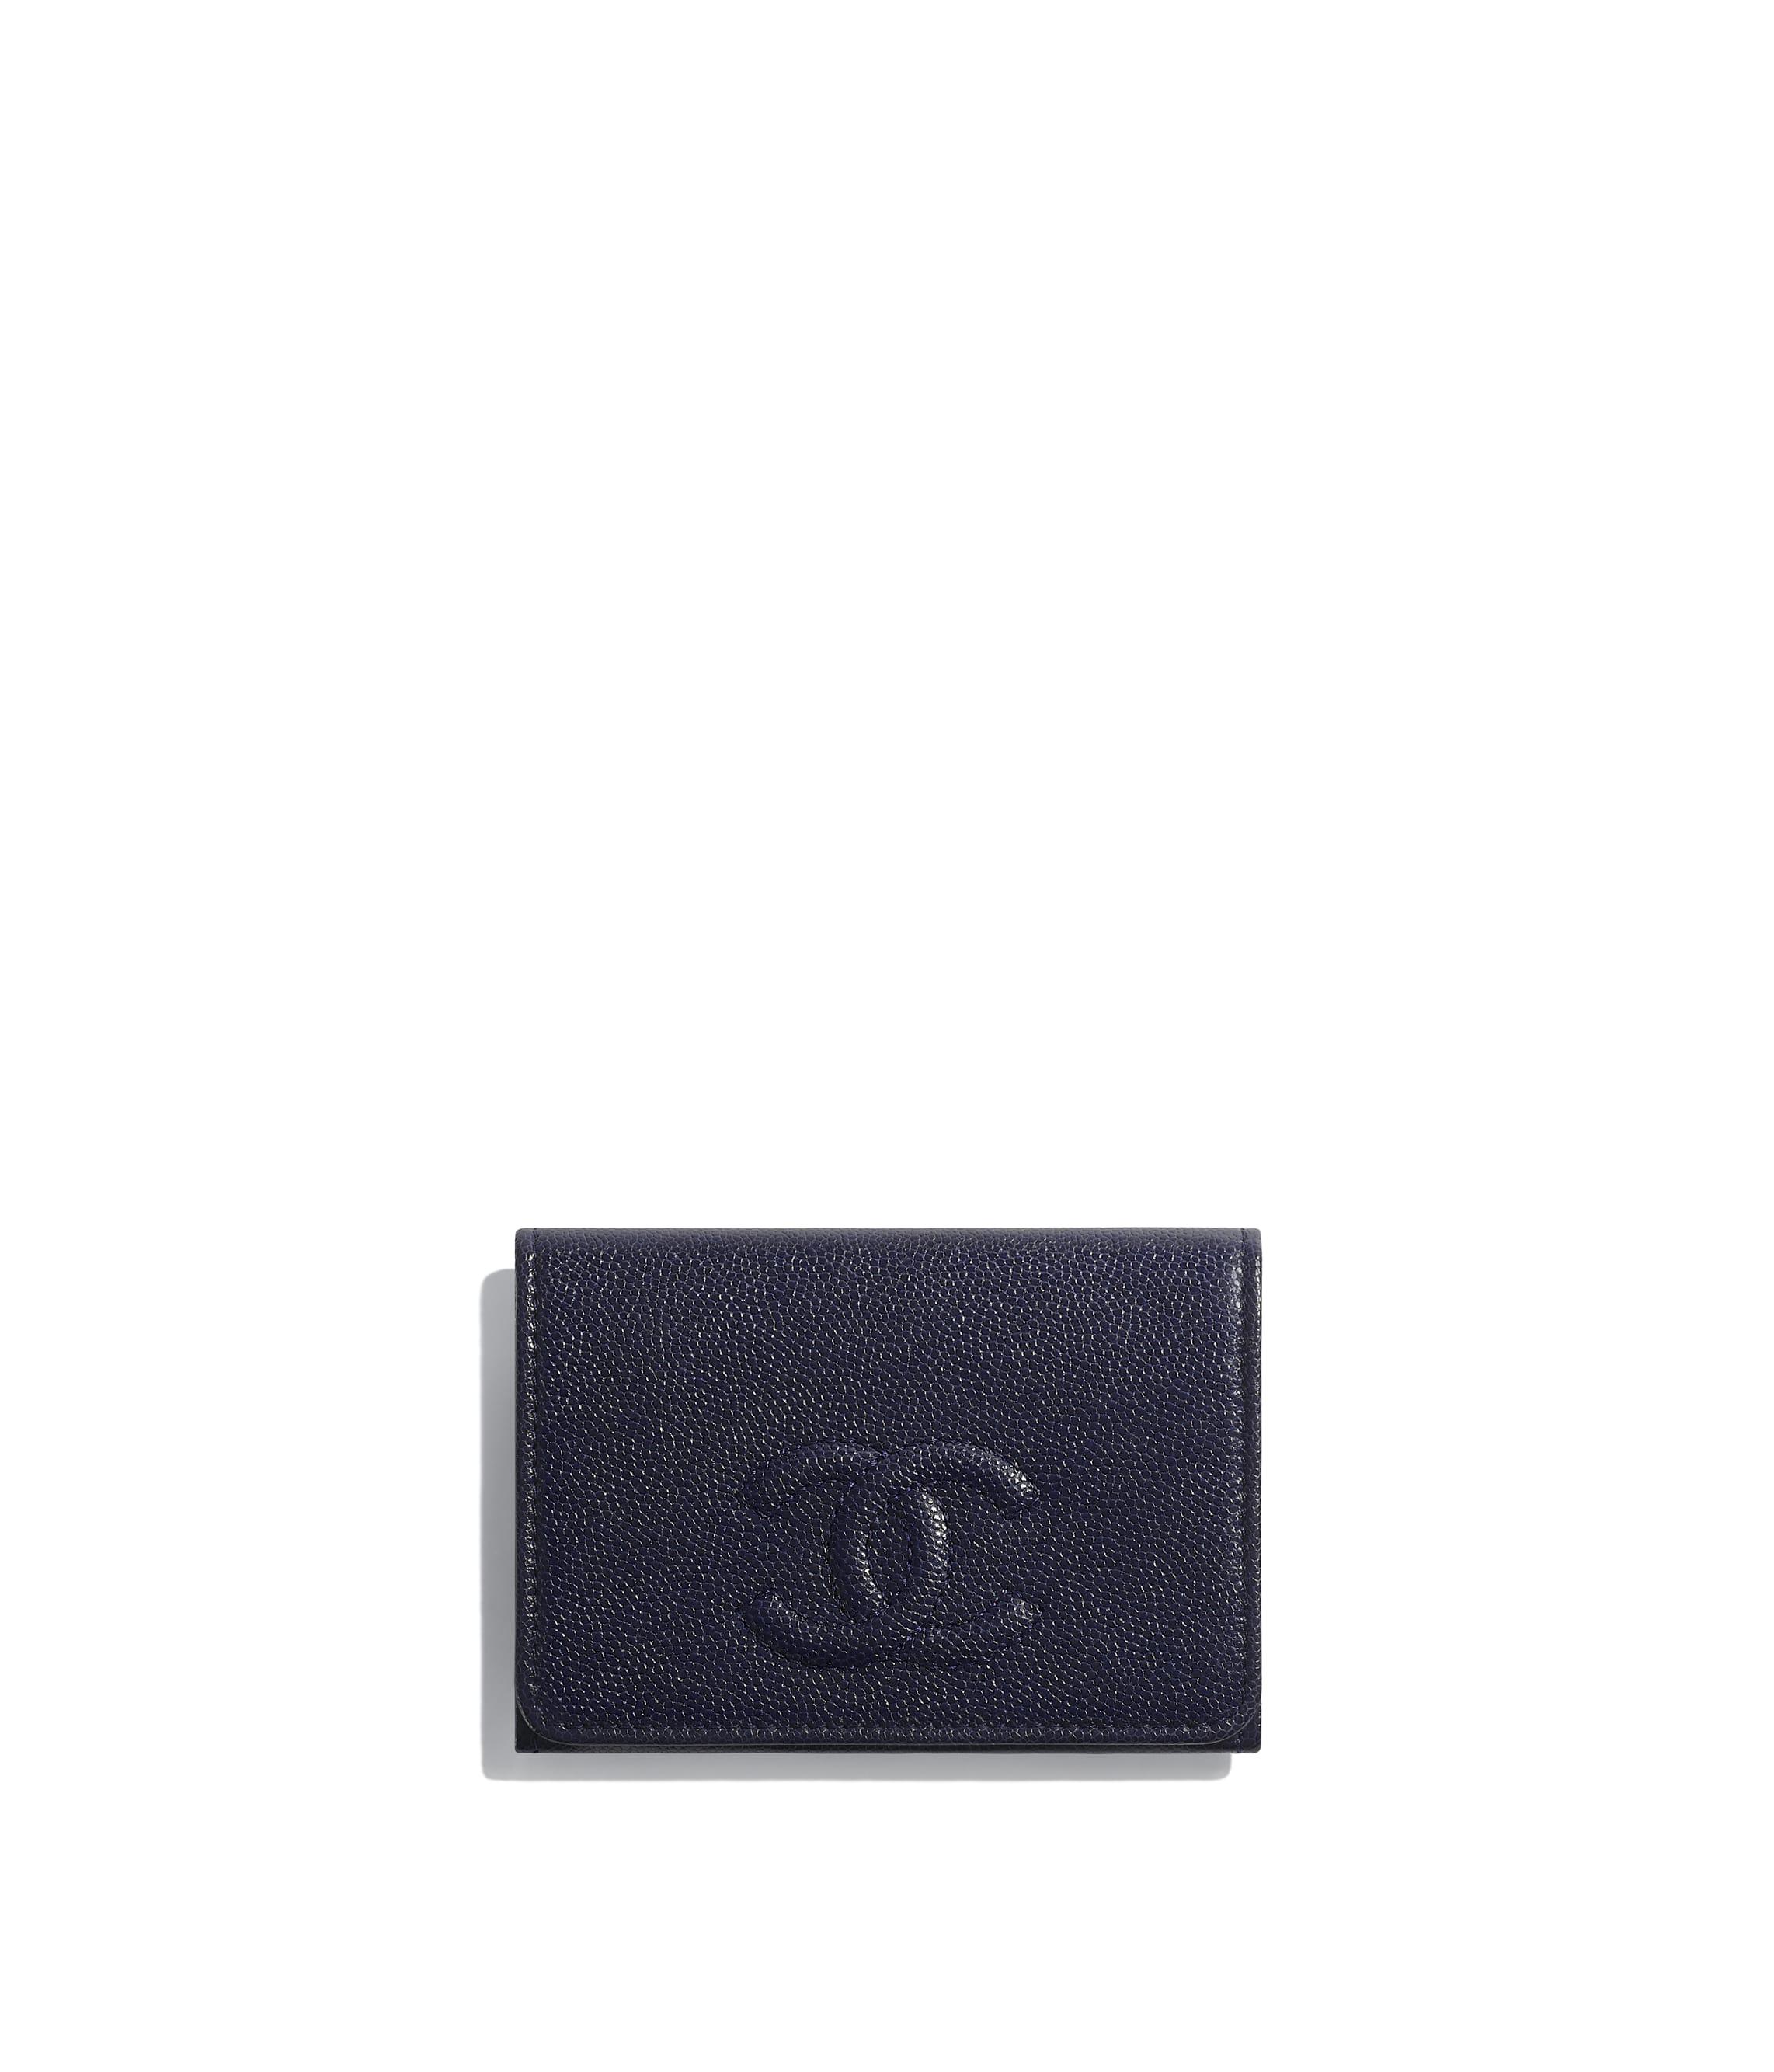 Petit portefeuille à rabat